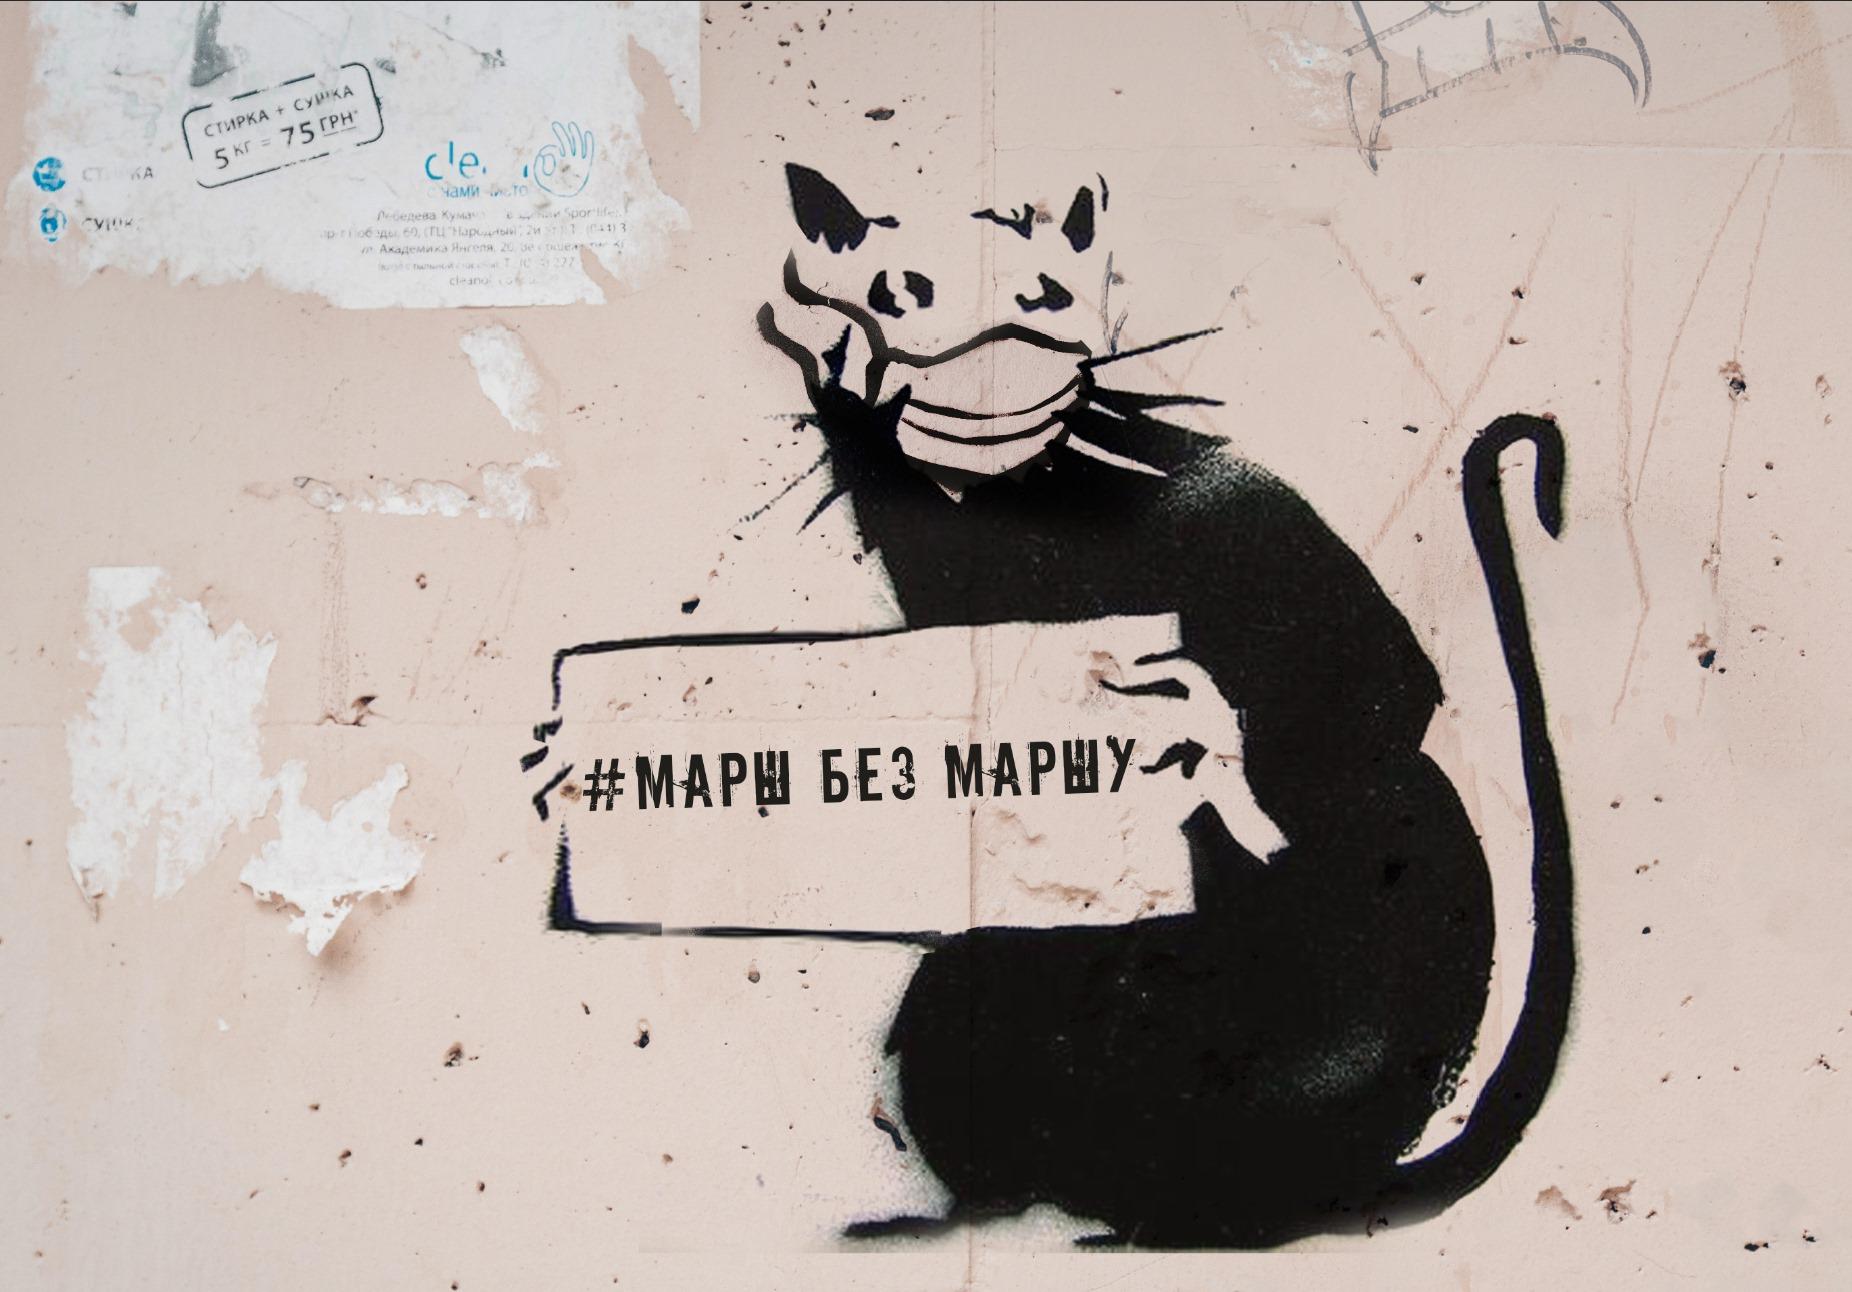 Марш за тварин в Україні відбудеться у жовтні та завдяки штучному інтелекту - Тварини, Марш за тварин, зоозахист, зоозахисники, захист тварин - 28 marsh